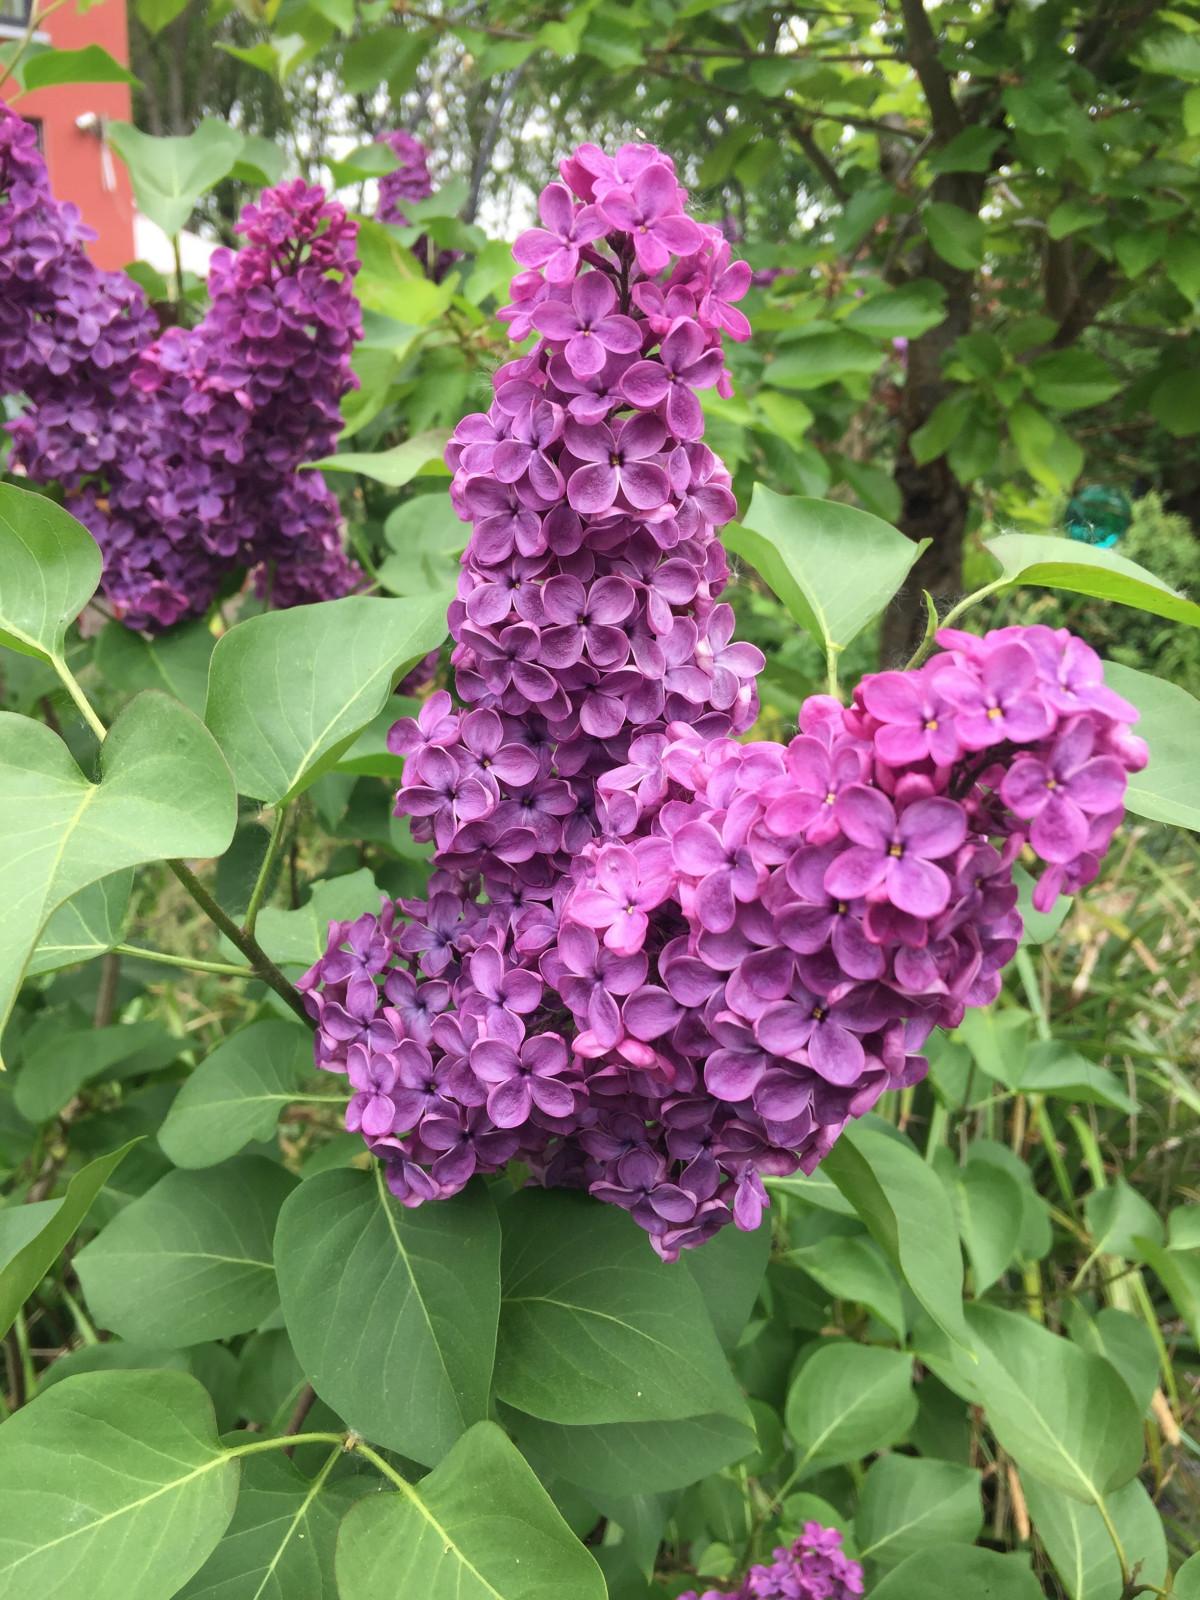 images gratuites la nature violet floraison t vert botanique hortensia fleur sauvage. Black Bedroom Furniture Sets. Home Design Ideas